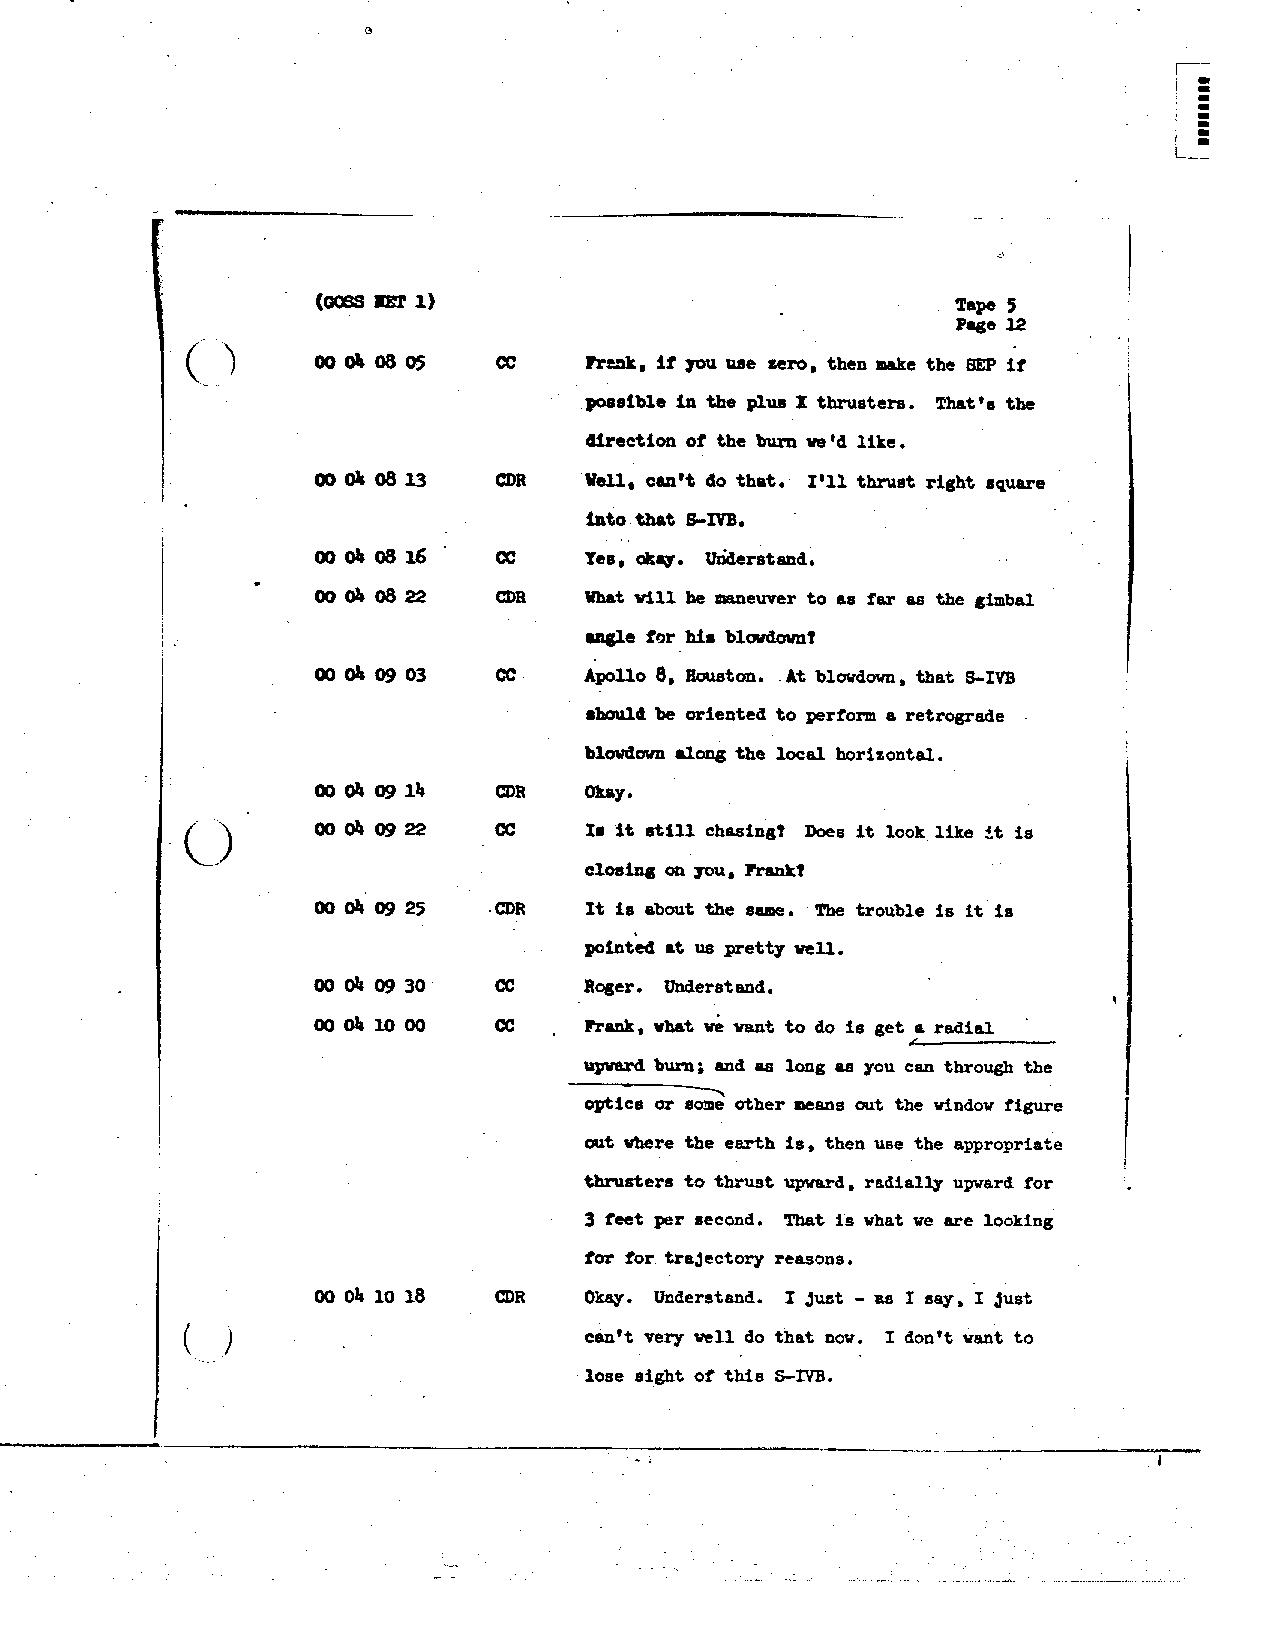 Page 38 of Apollo 8's original transcript